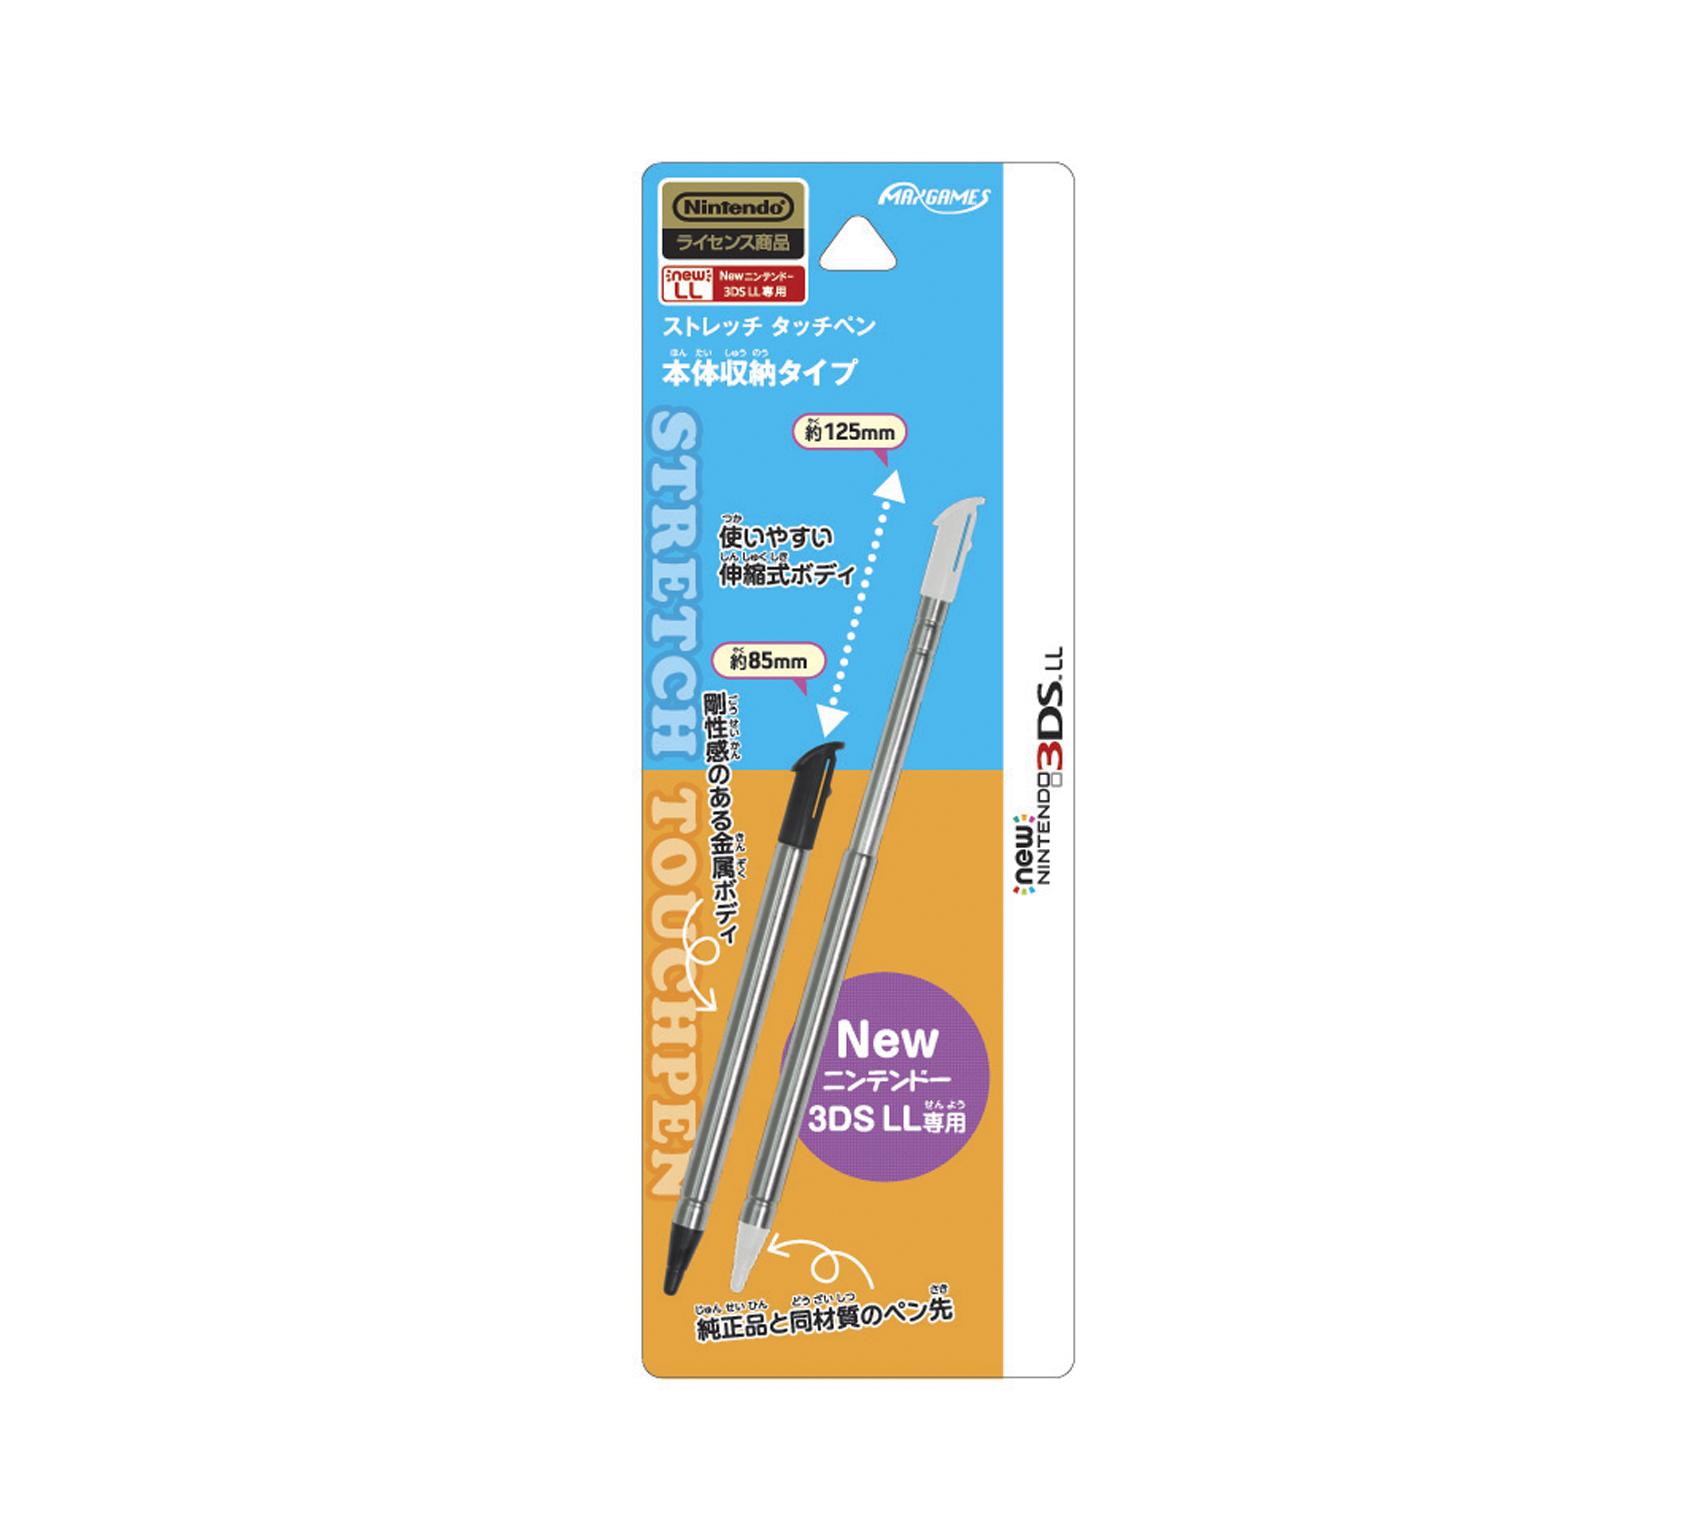 Newニンテンドー3DS LL専用<br>ストレッチタッチペン